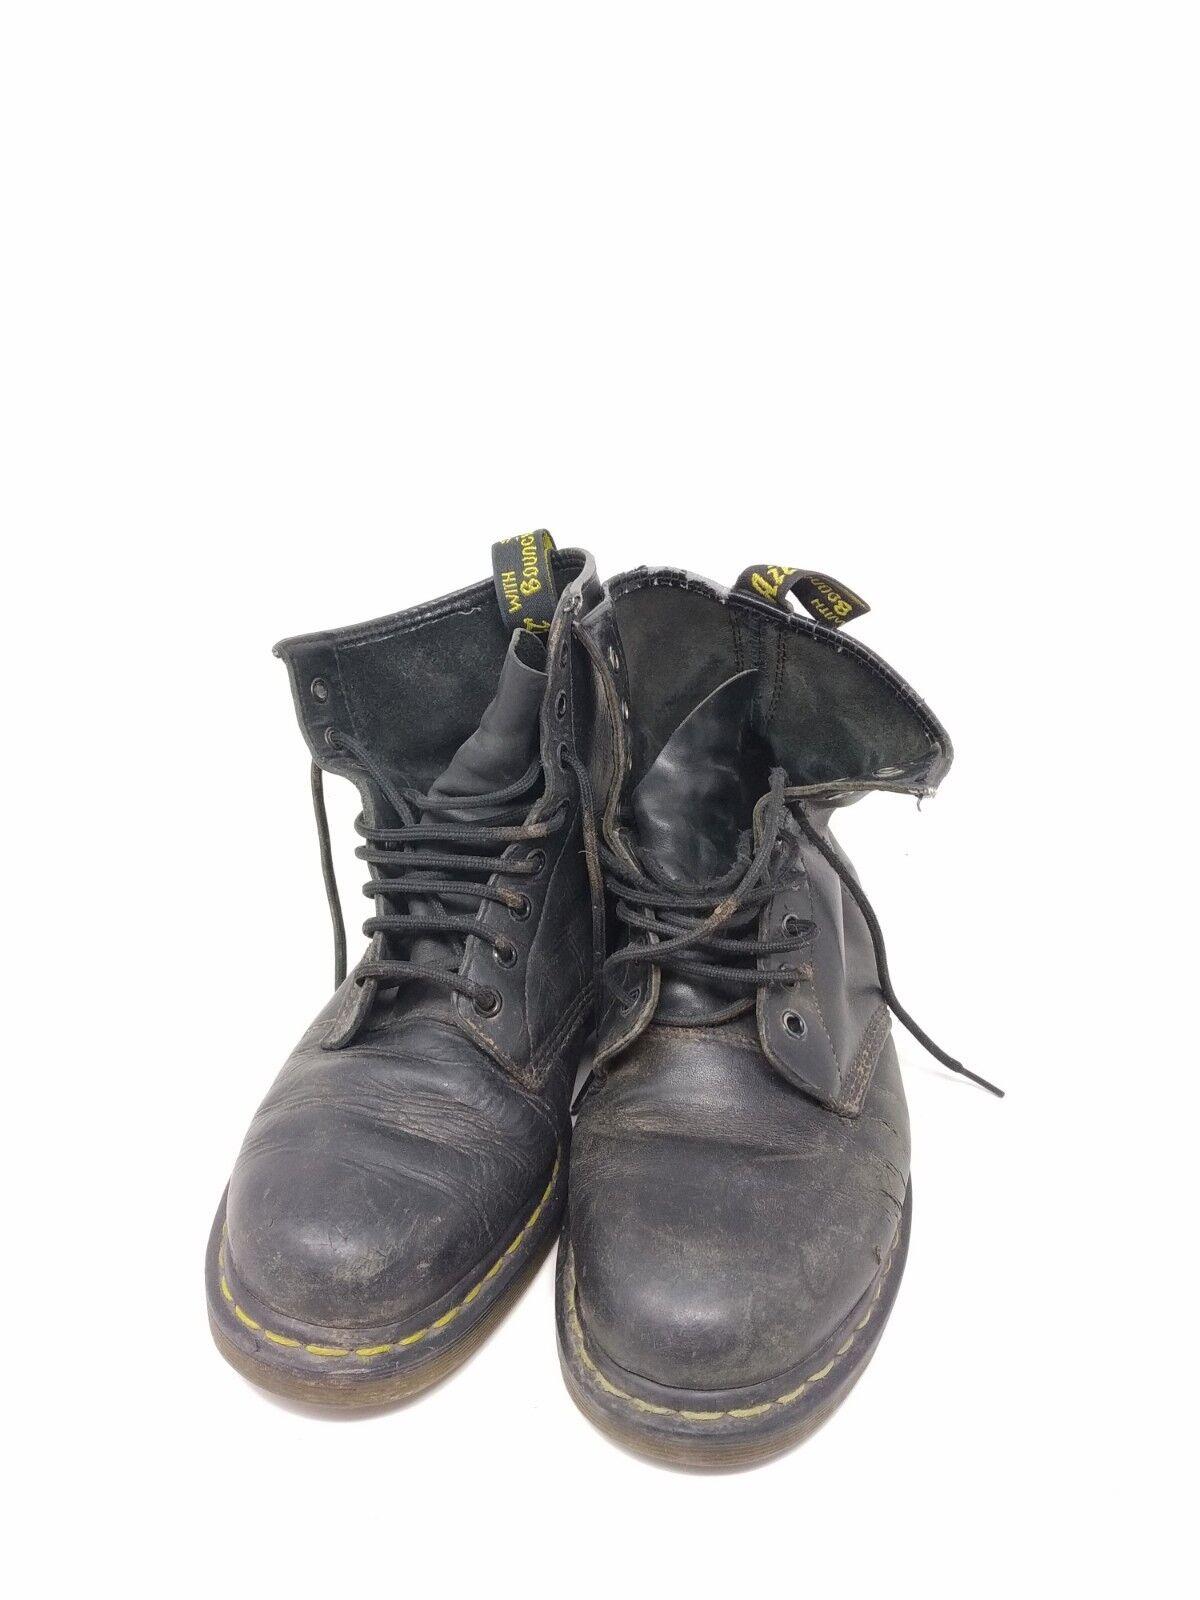 marche online vendita a basso costo Scarpe scarpe stivali stivali Dr Martens    43 9 11  nero nero neri  fino al 60% di sconto